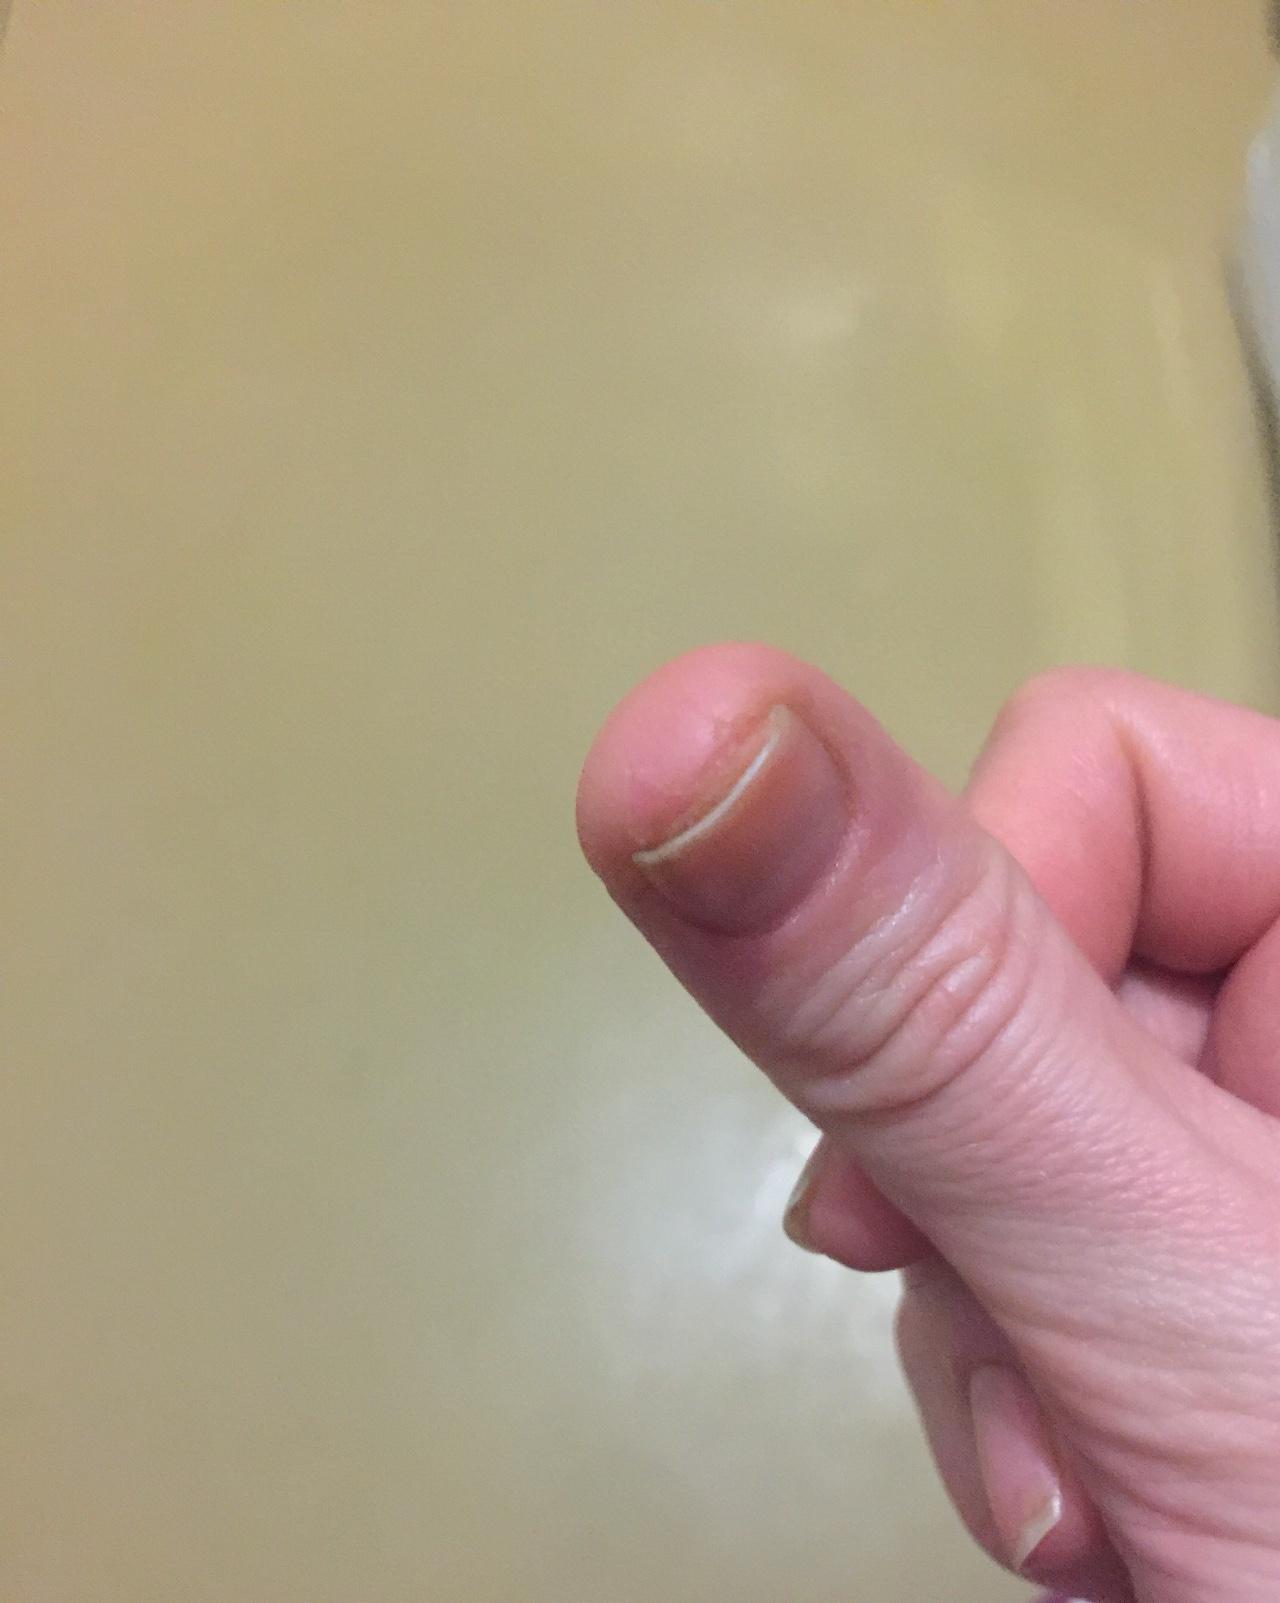 аллергия вокруг ногтя